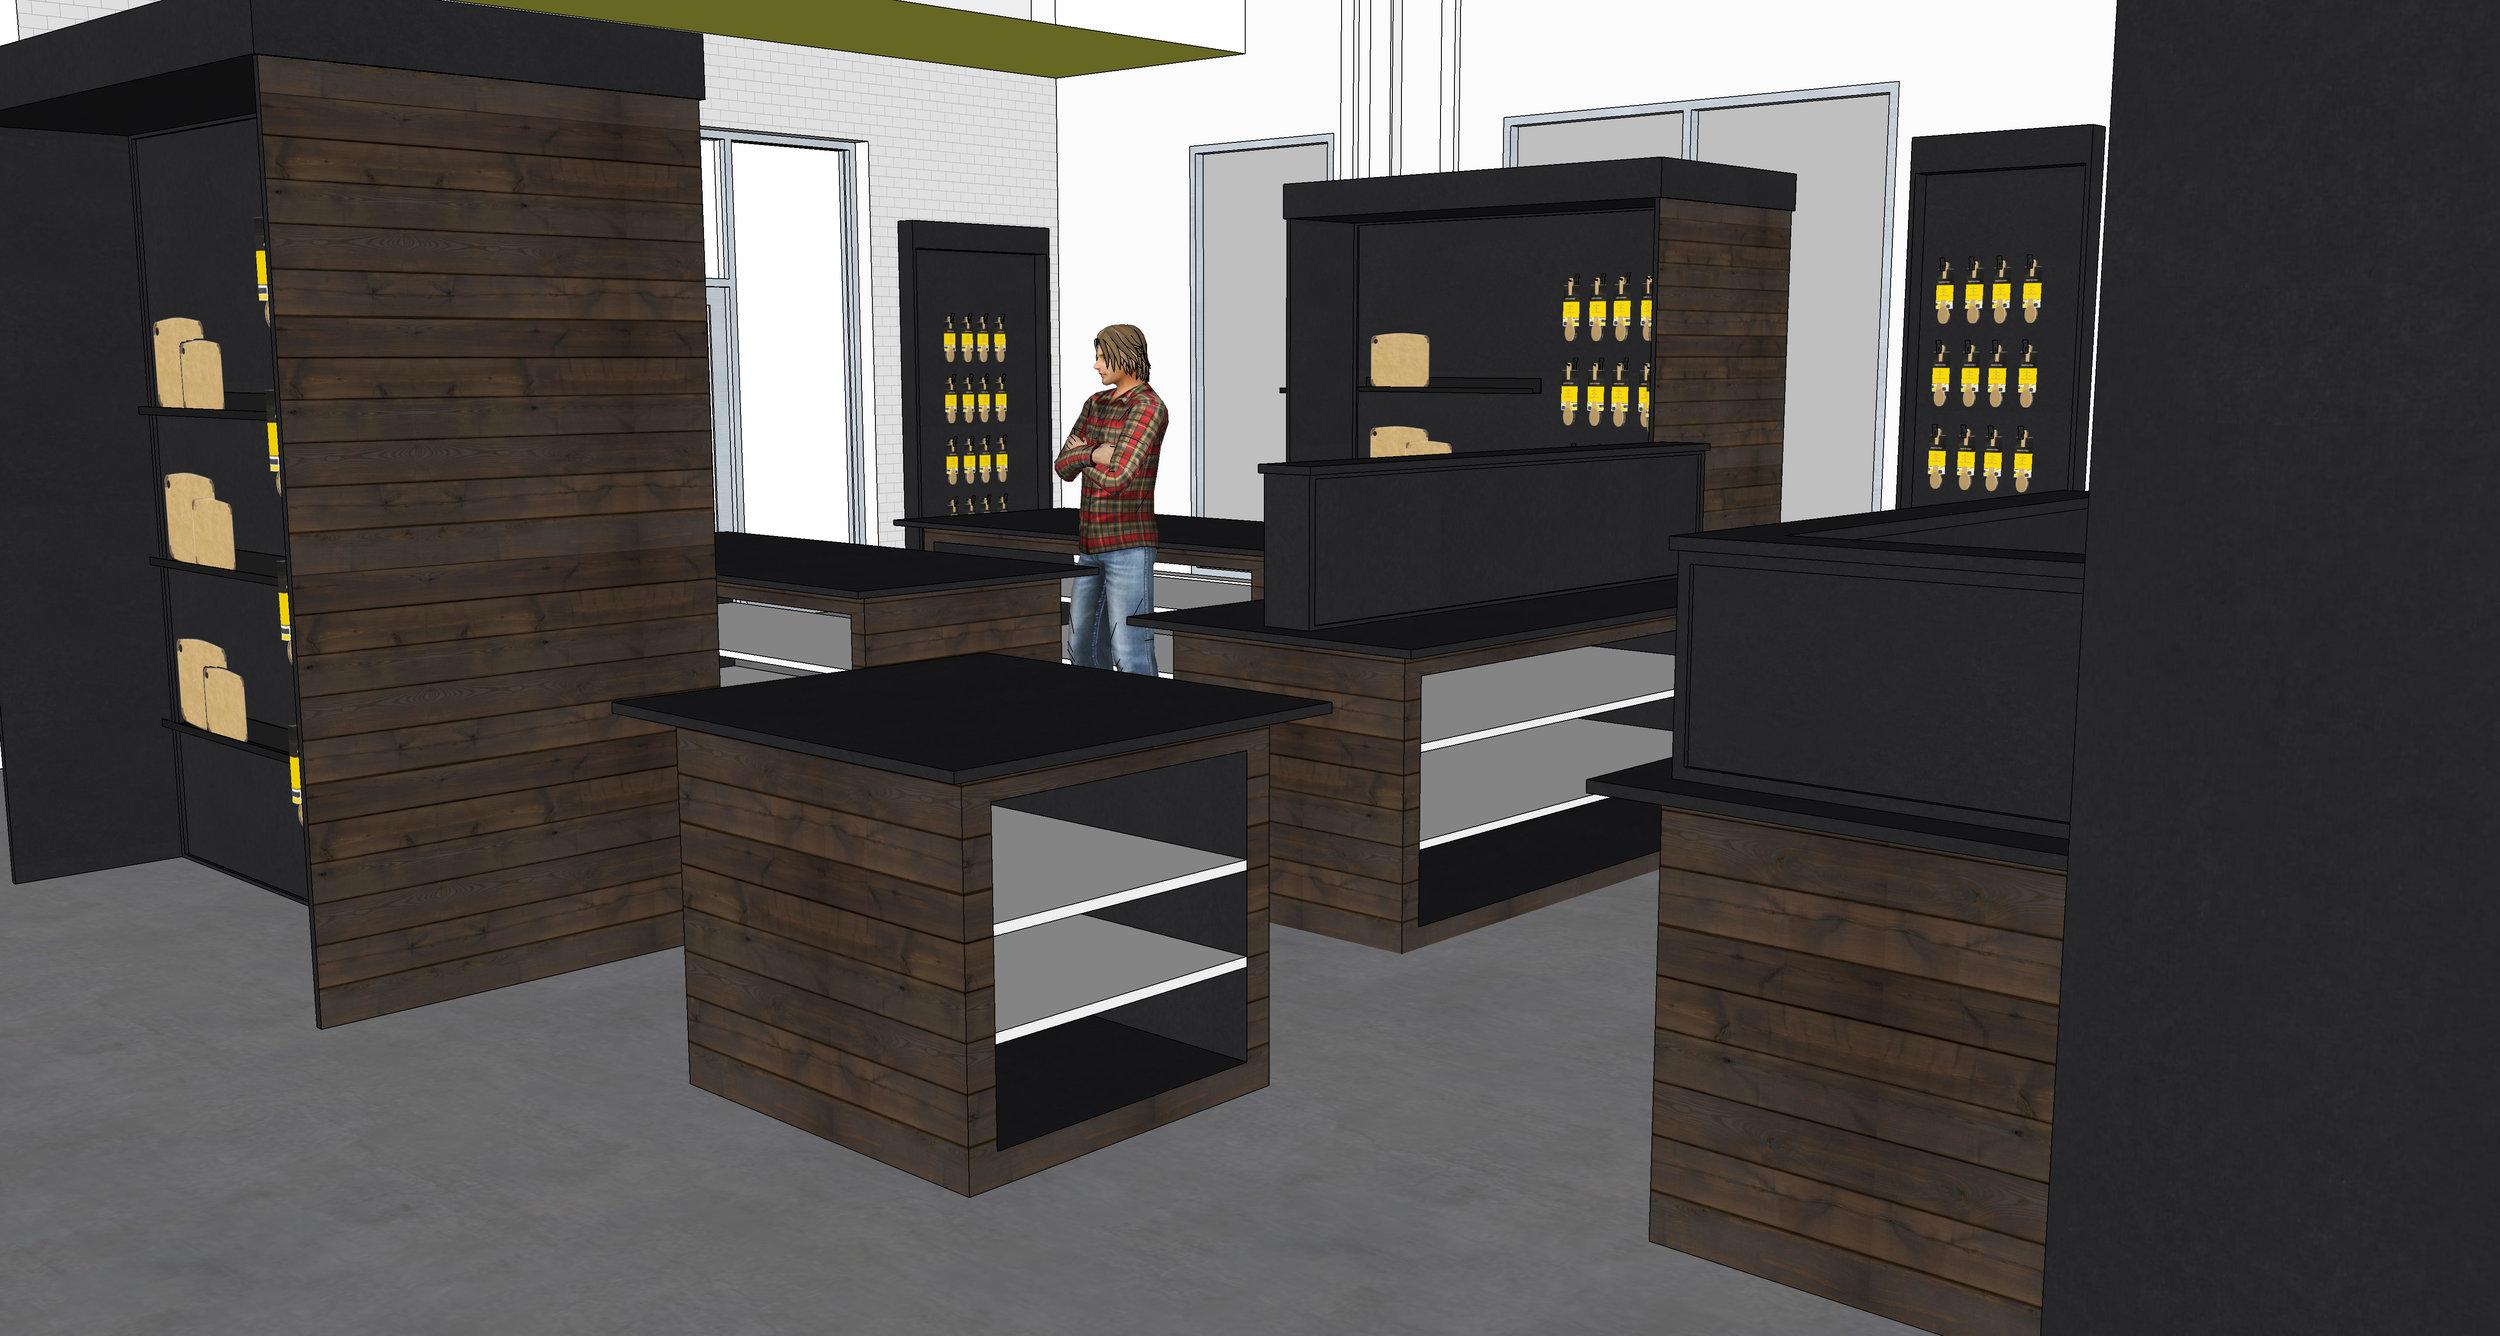 store_07.jpg